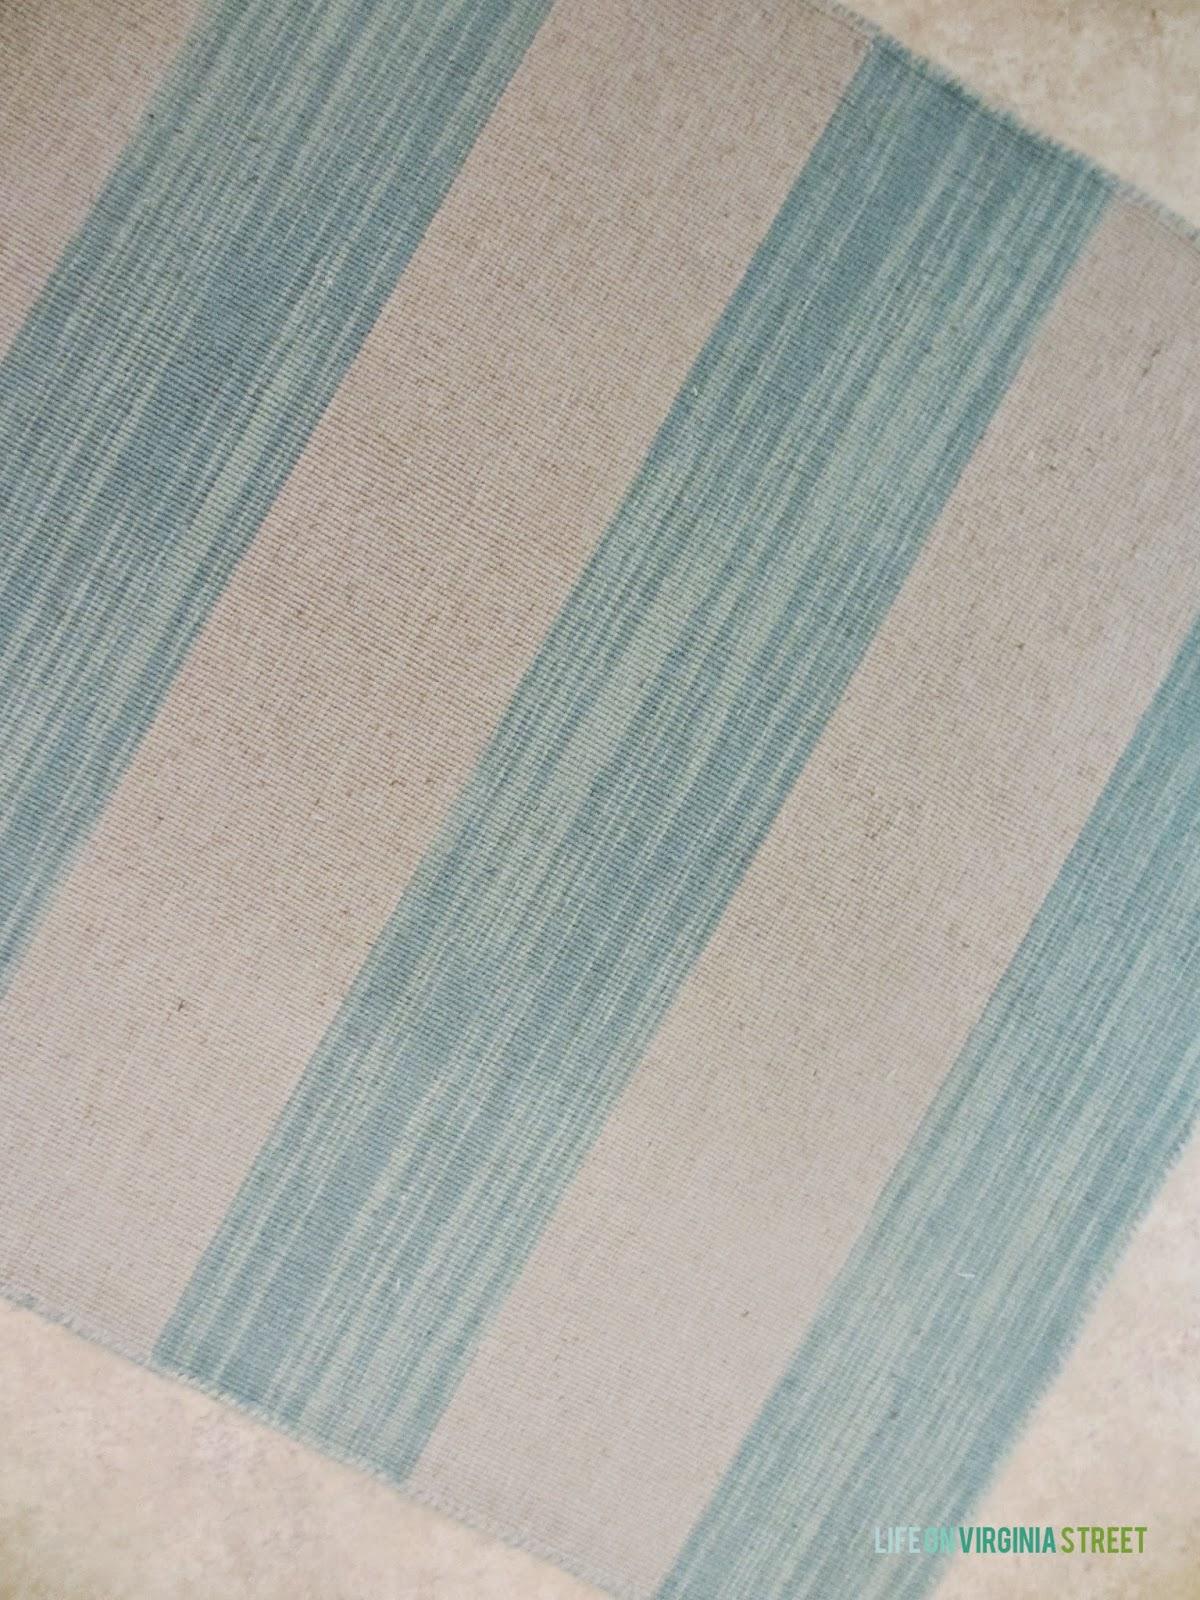 Striped aqua and beige rug